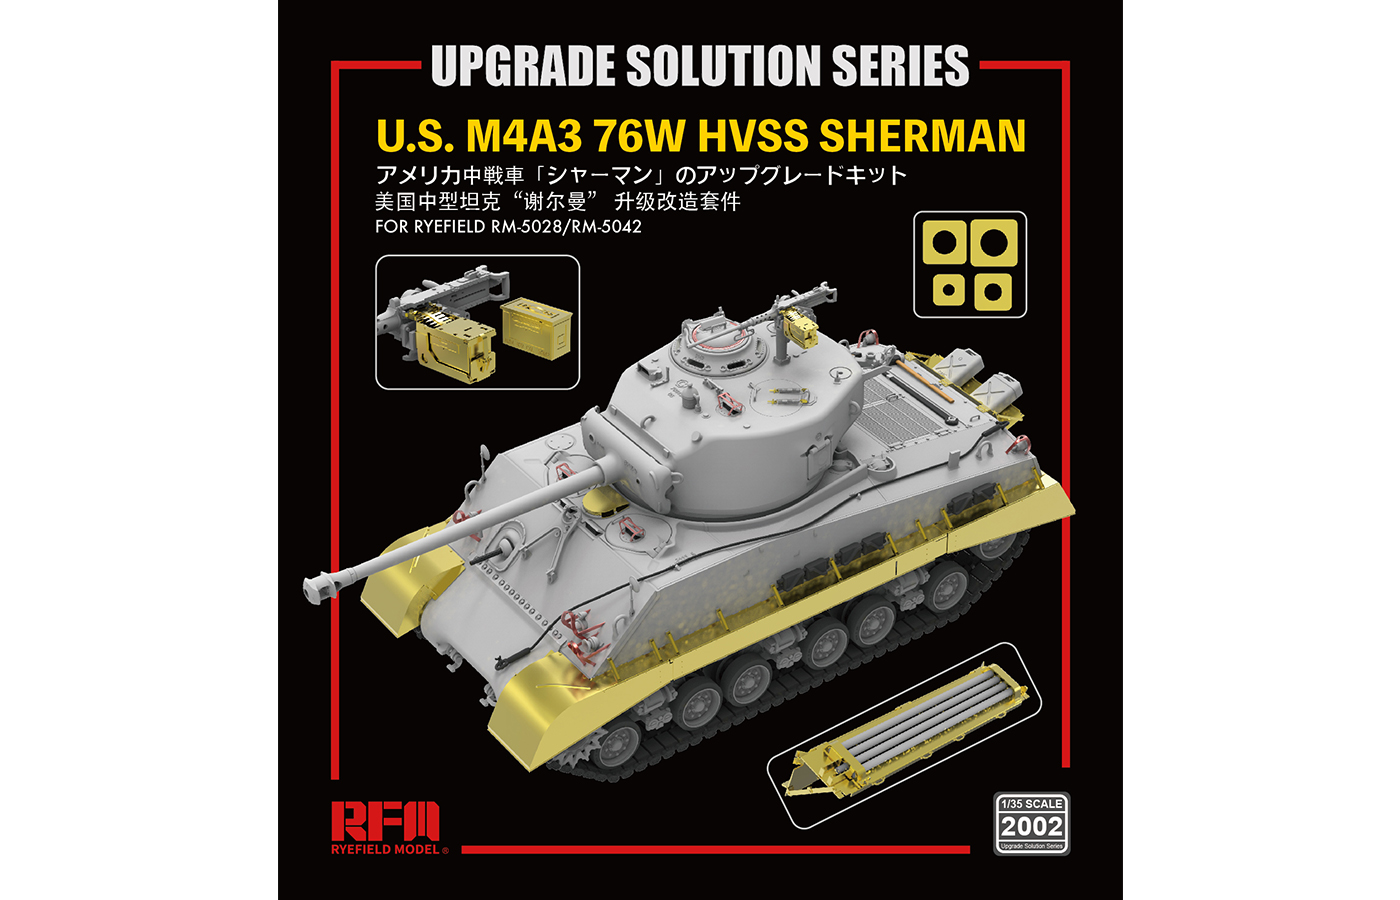 """RM-2002 美国中型坦克""""谢尔曼""""升级改造件"""